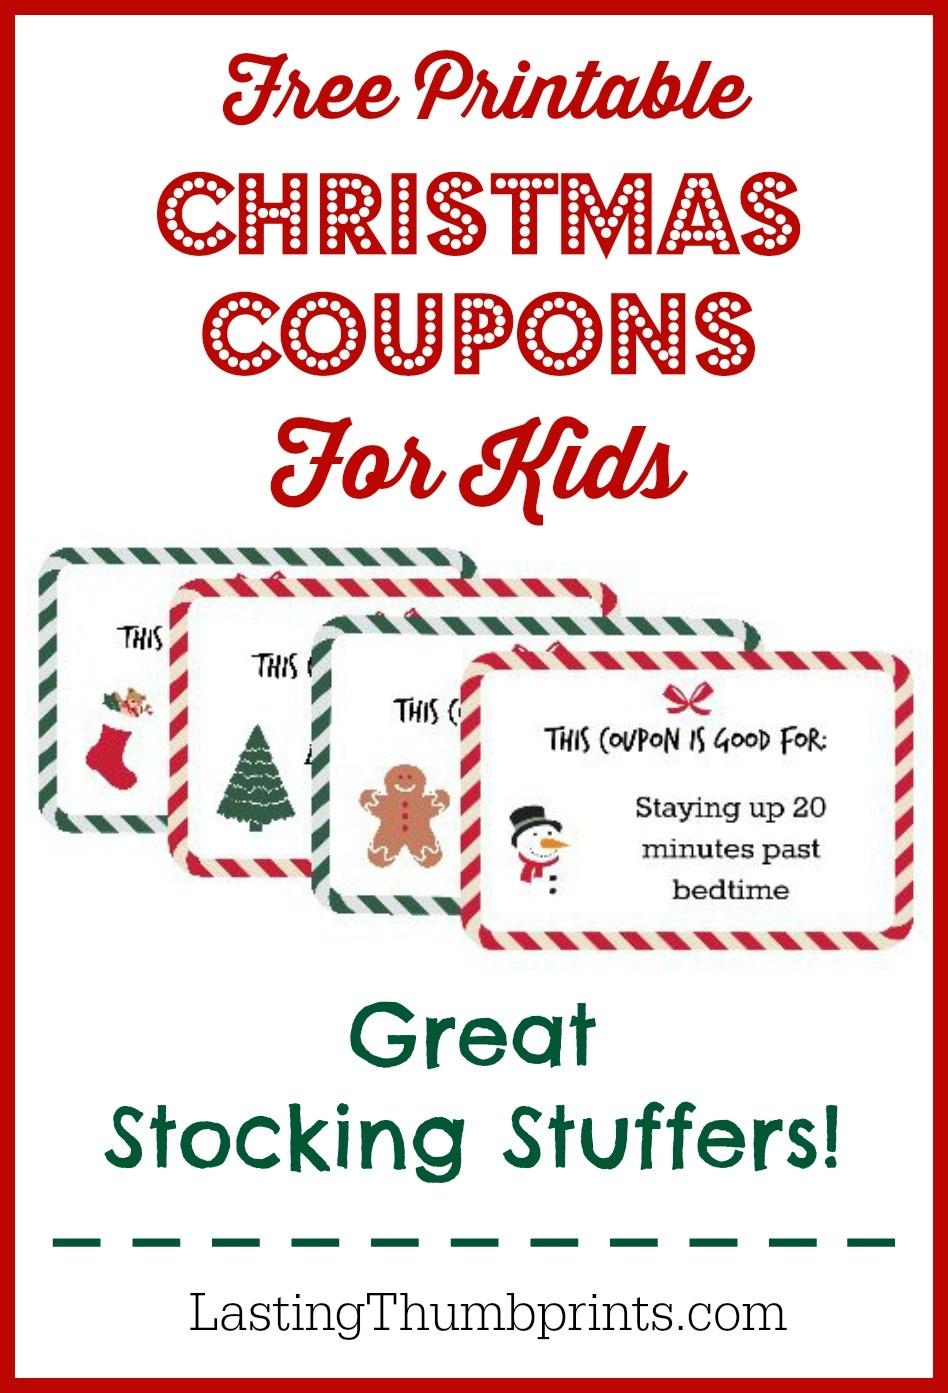 Christmas Coupons For Kids - Free Printable! - Free Printable Stocking Stuffers